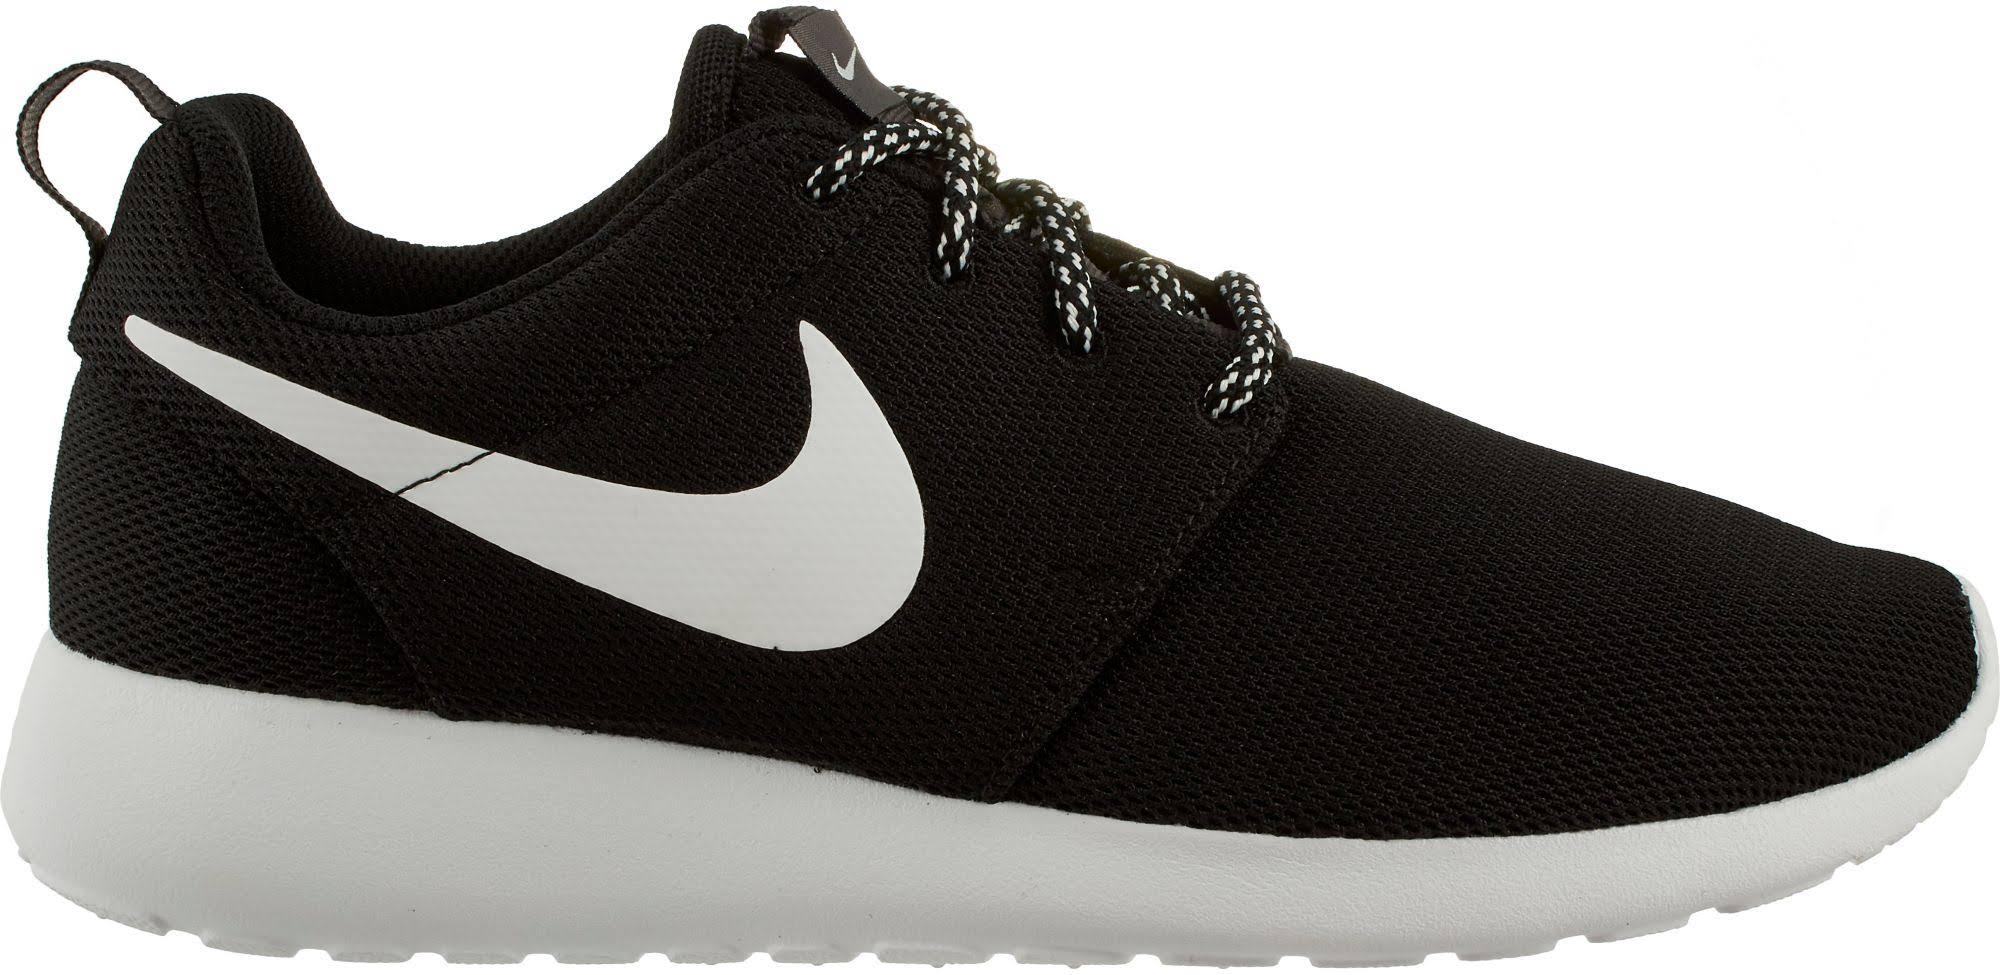 Da Nike Scuro Scarpe Roshe One grigio DonnaMisura10 5NeroBianco dQrCxBWoe